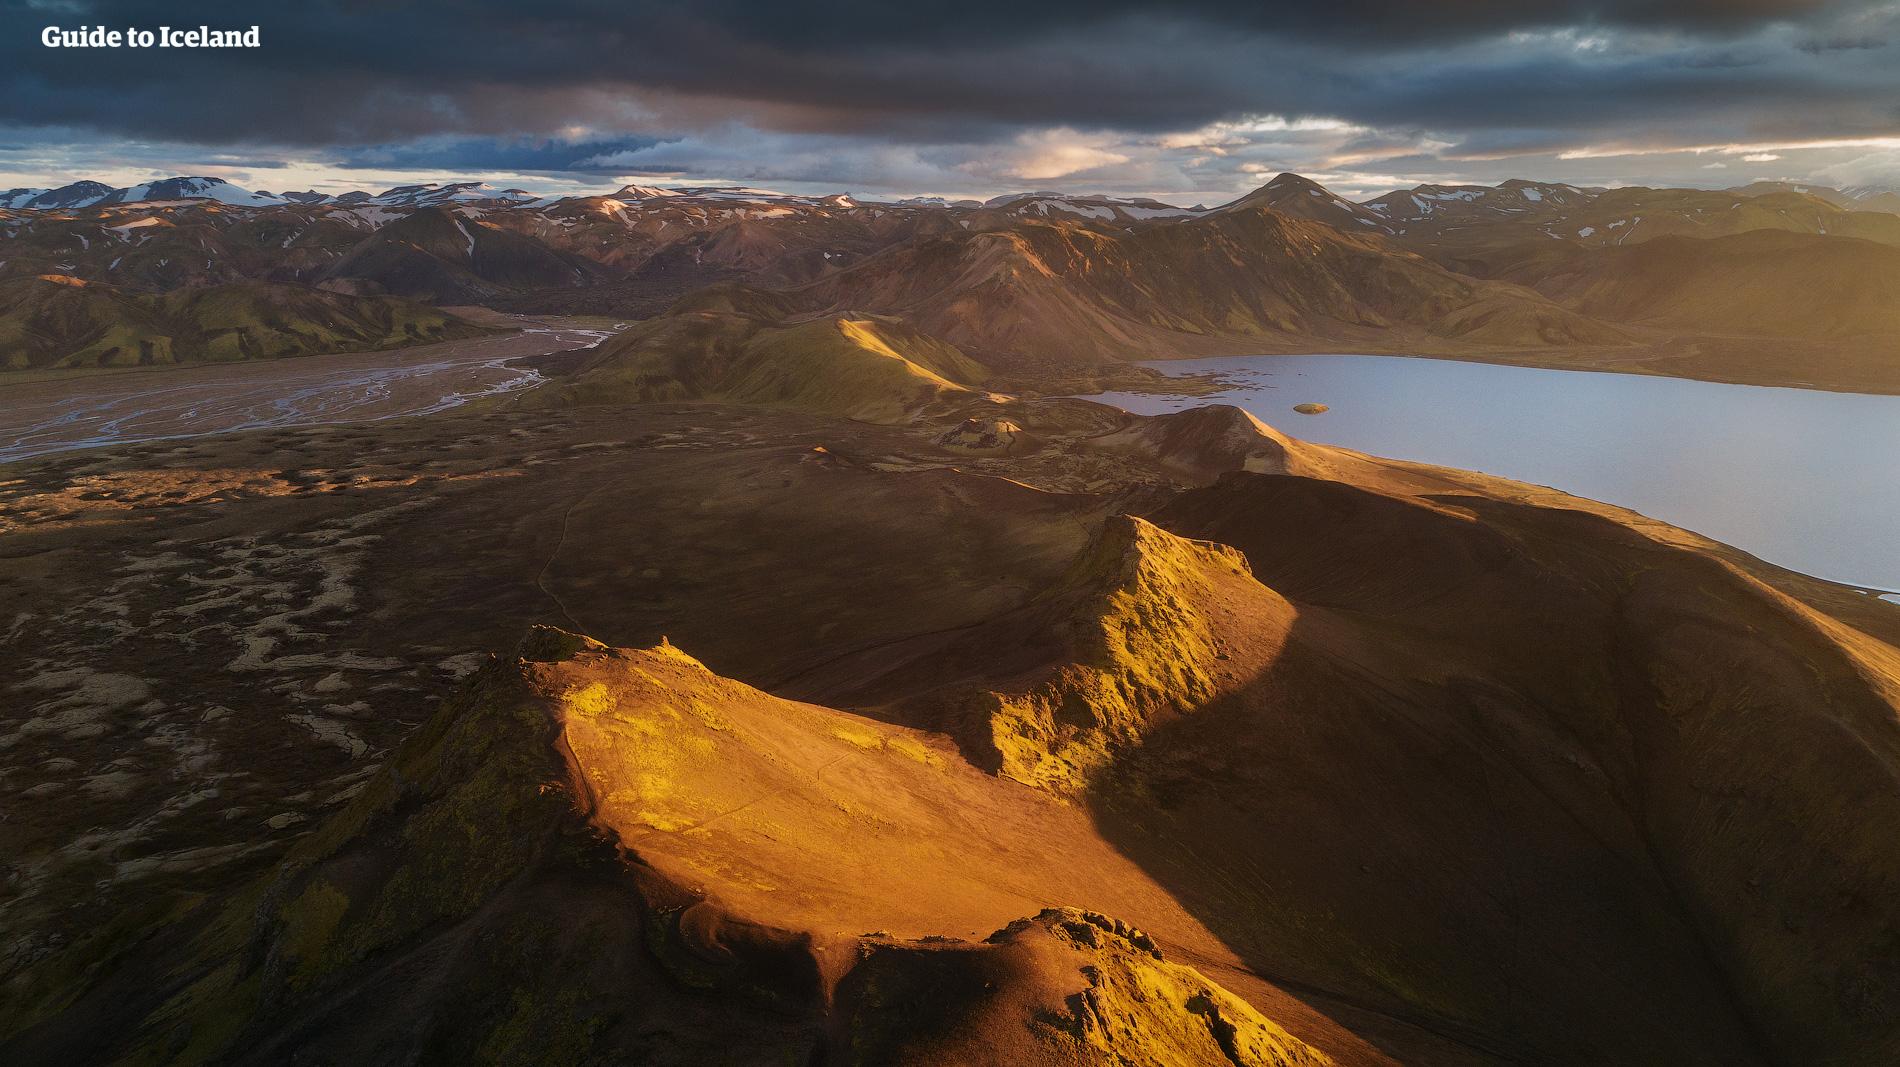 Die Berge des isländischen Hochlands.